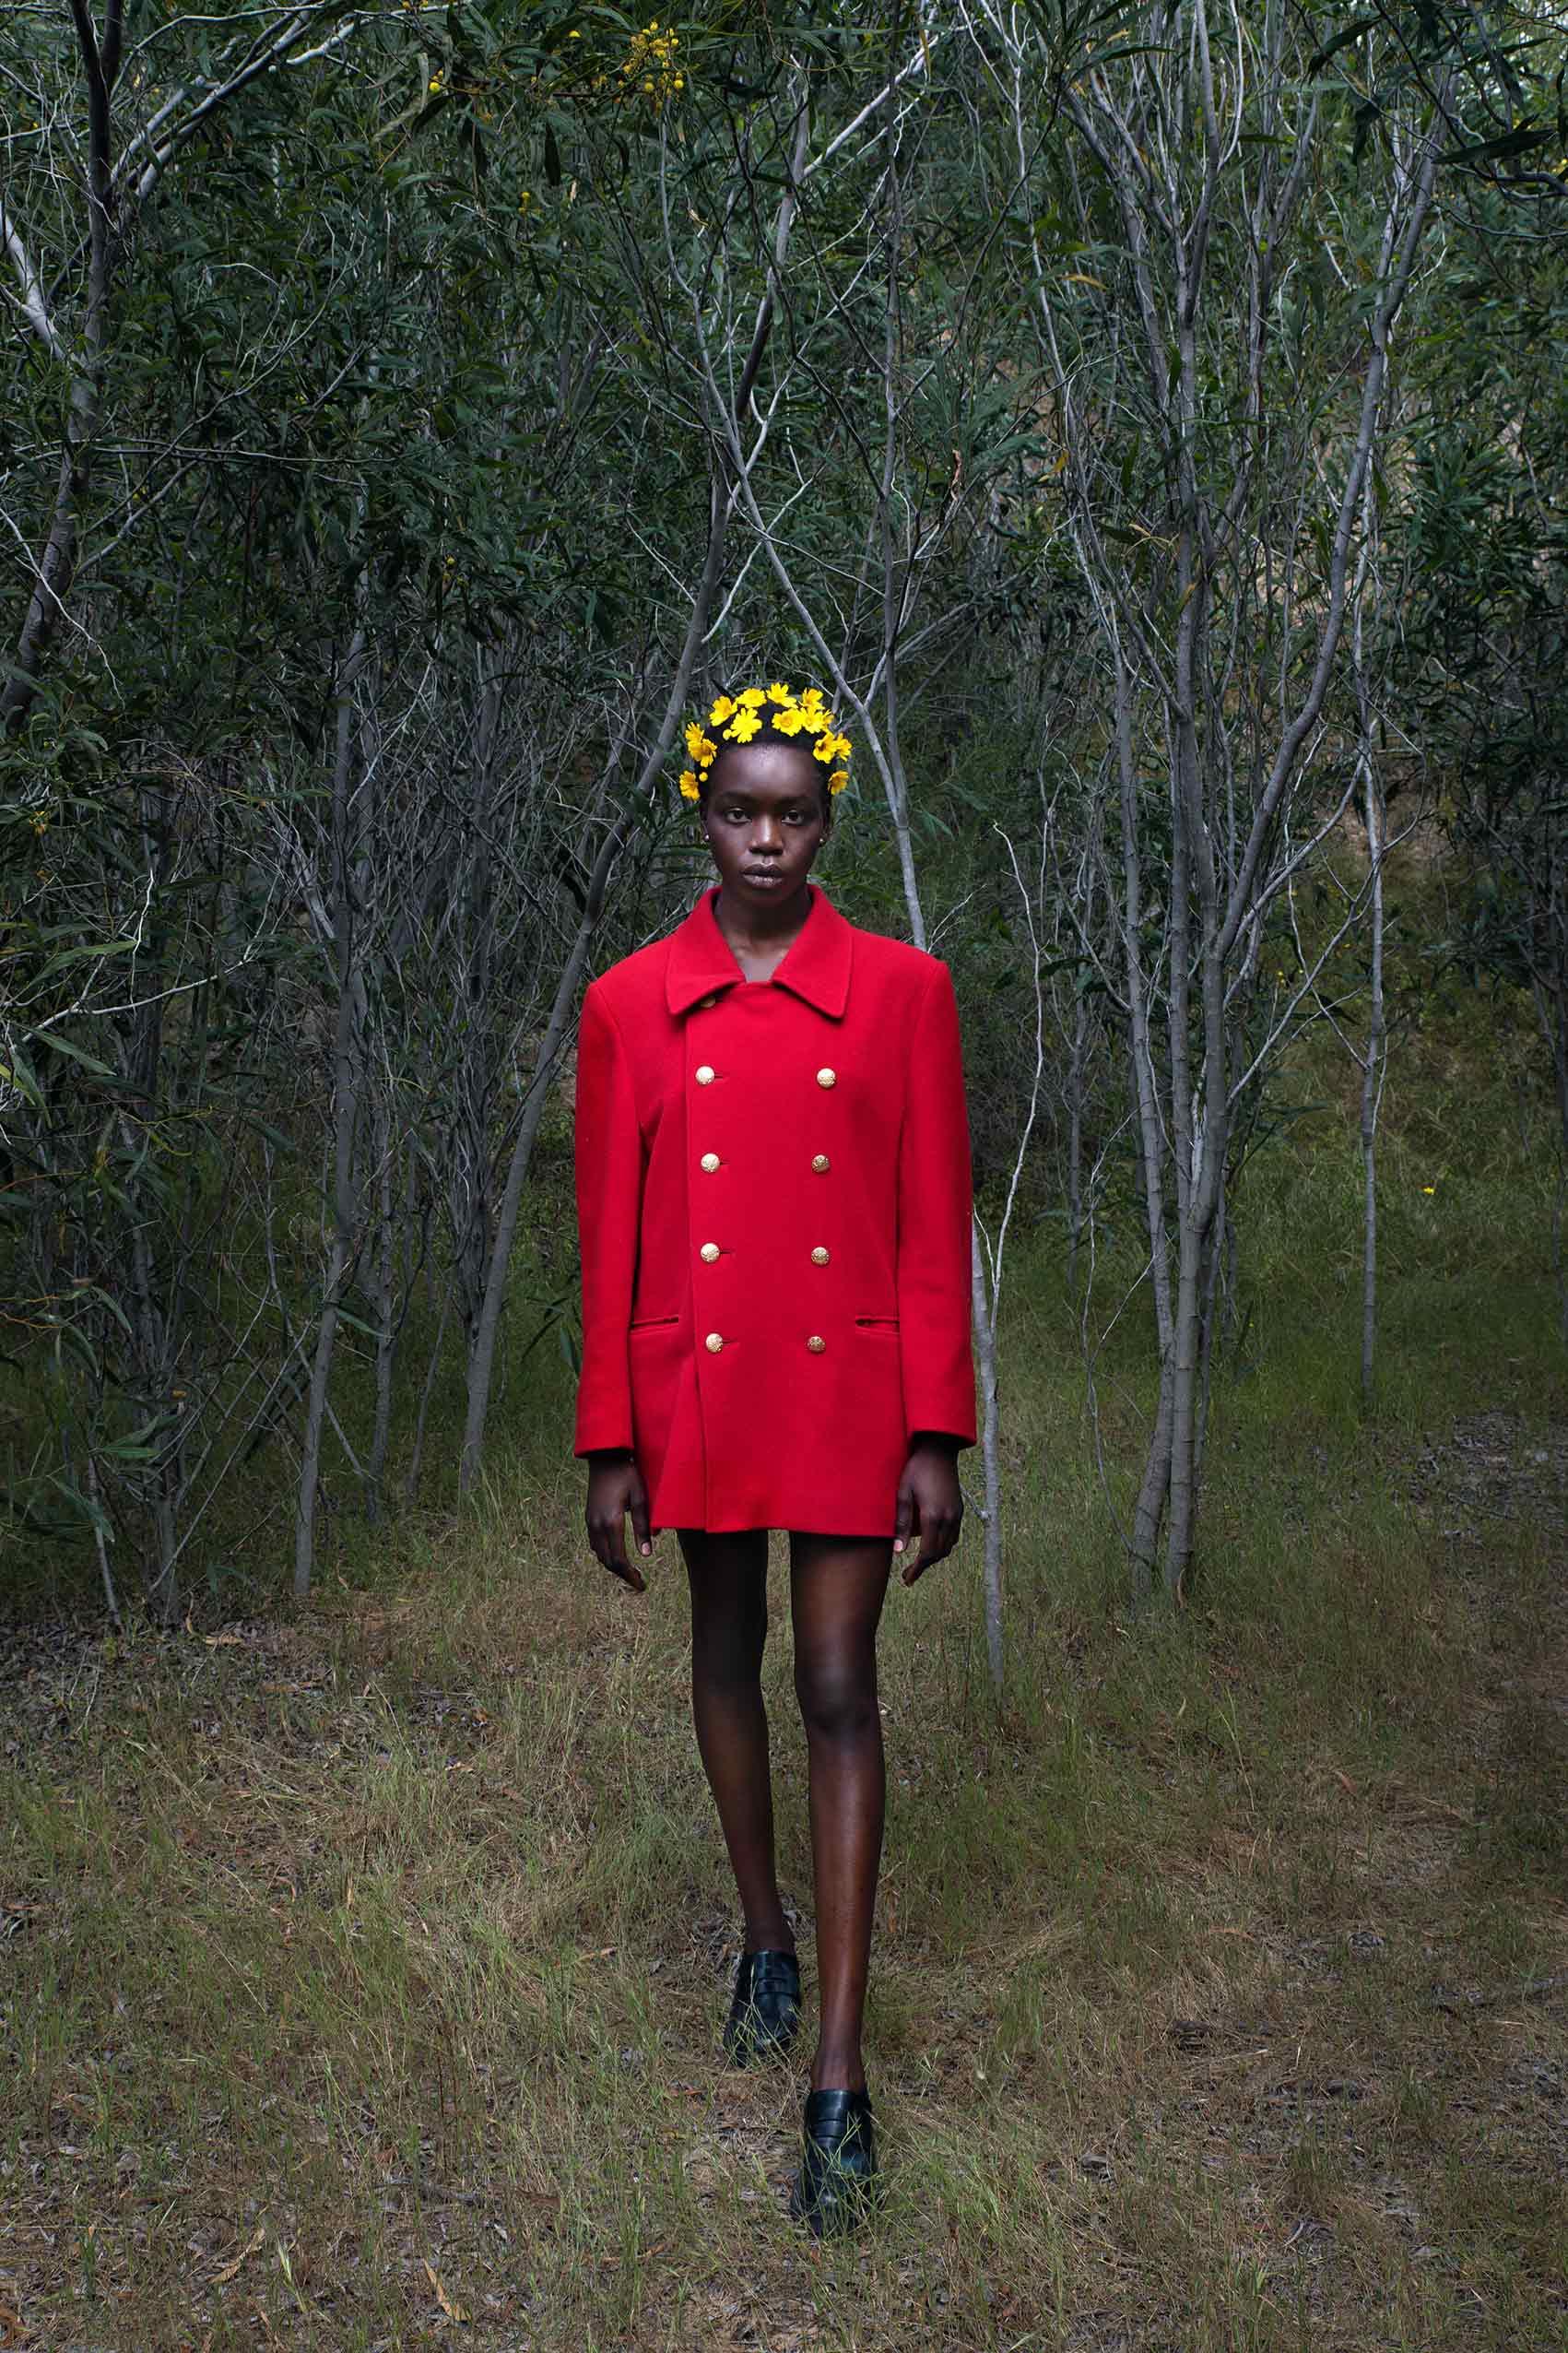 הפקות-אופנה- Photographer: YAEL BAR, Models: RITA AUGUSTINO, POLINA RIA, Makeup: AREEG GH, Stylist: BAR FRIEDMAN, Designers: BOOBA MACHO, MONALIZABETH